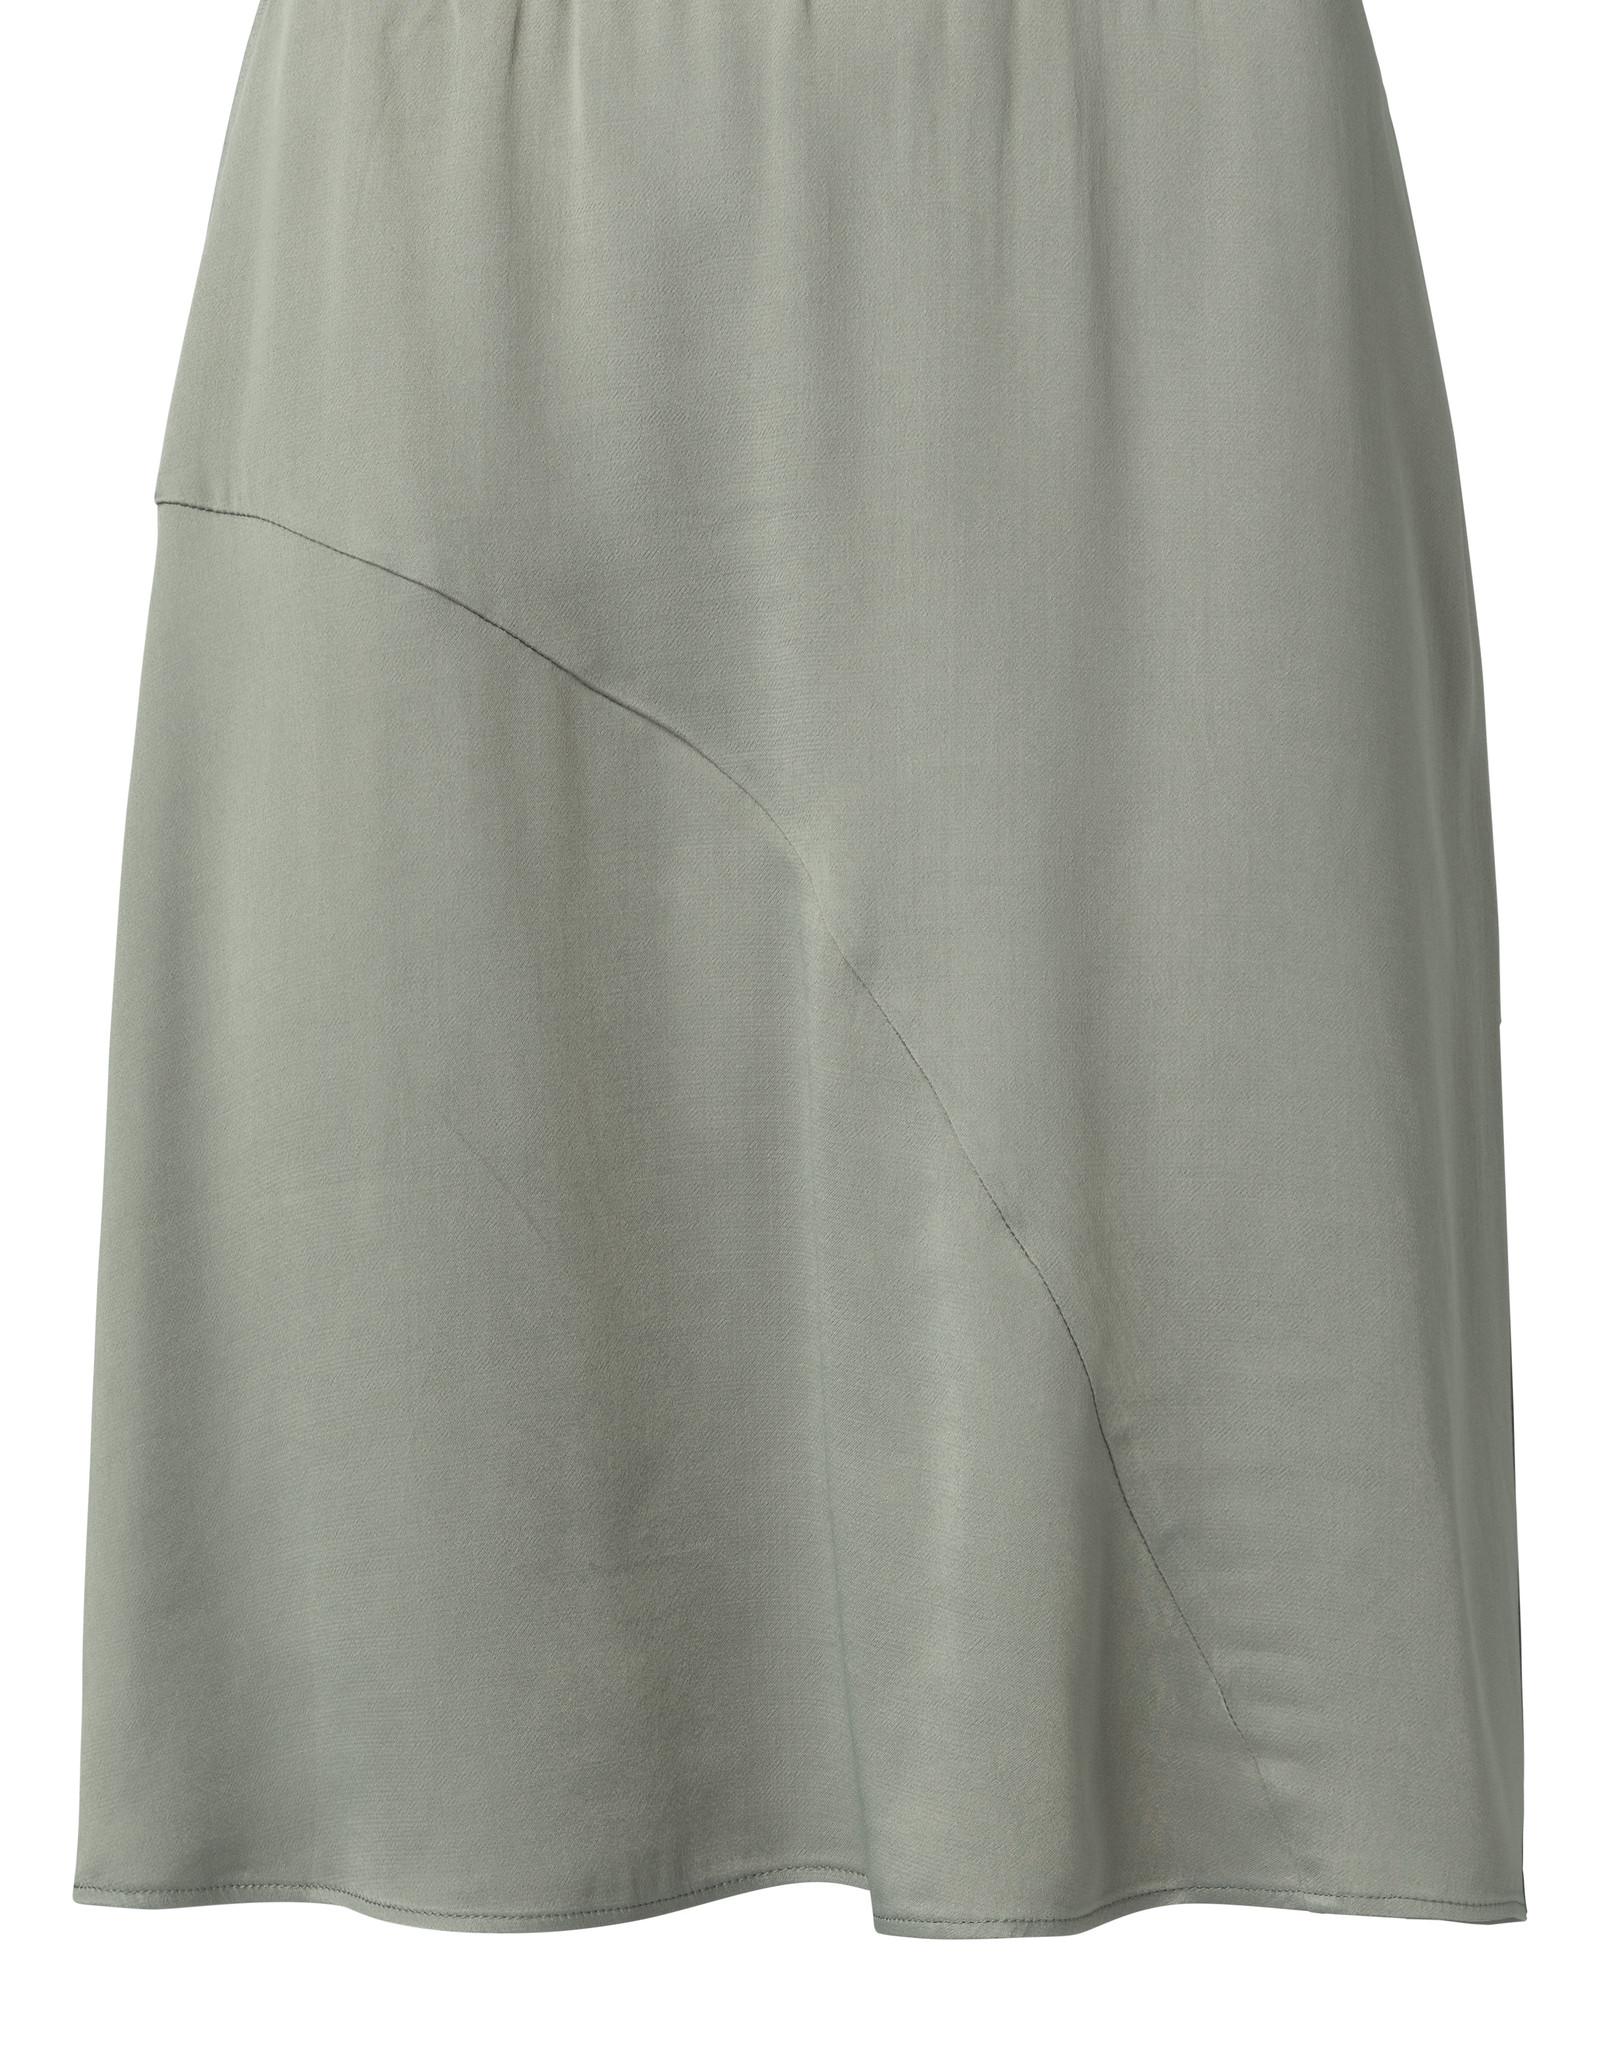 Yaya Satin A-Line Skirt